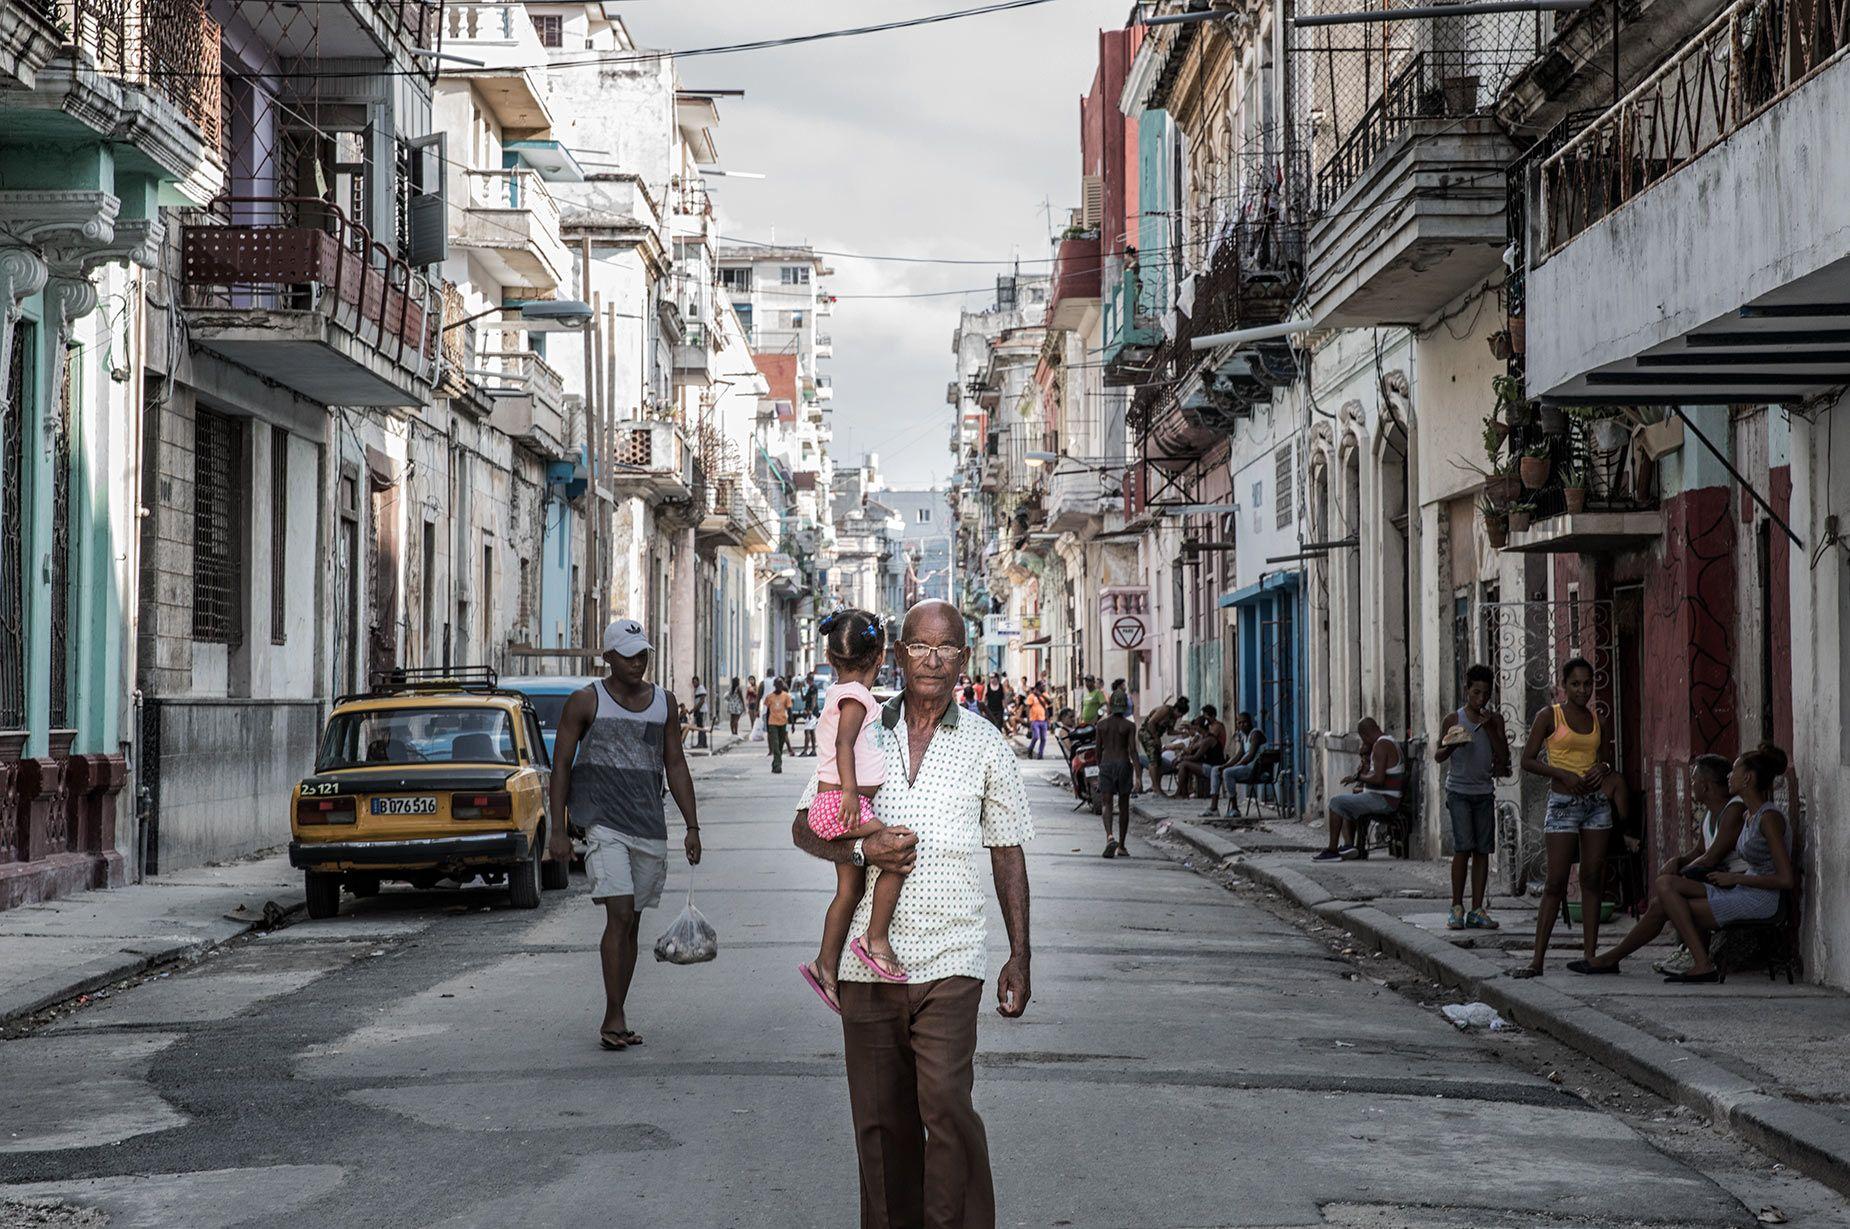 Cuba_026-Edit.jpg